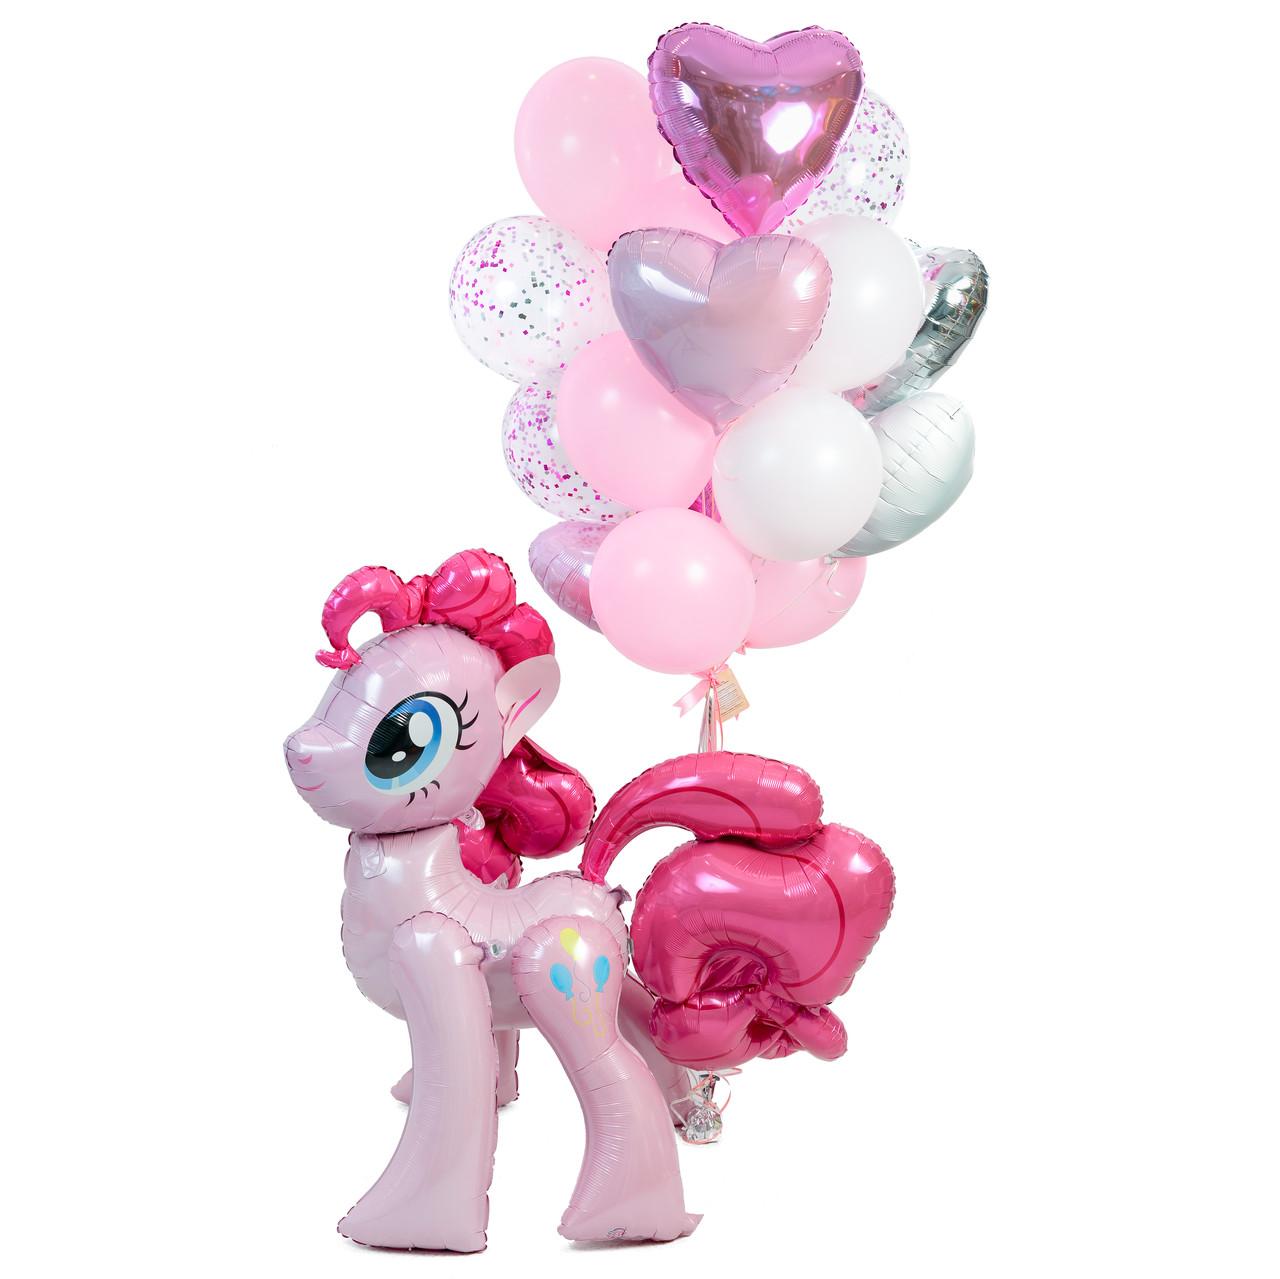 Оформлення в стилі My Little Pony з ростової фігурою Пінкі Пай і зв'язкою повітряних куль